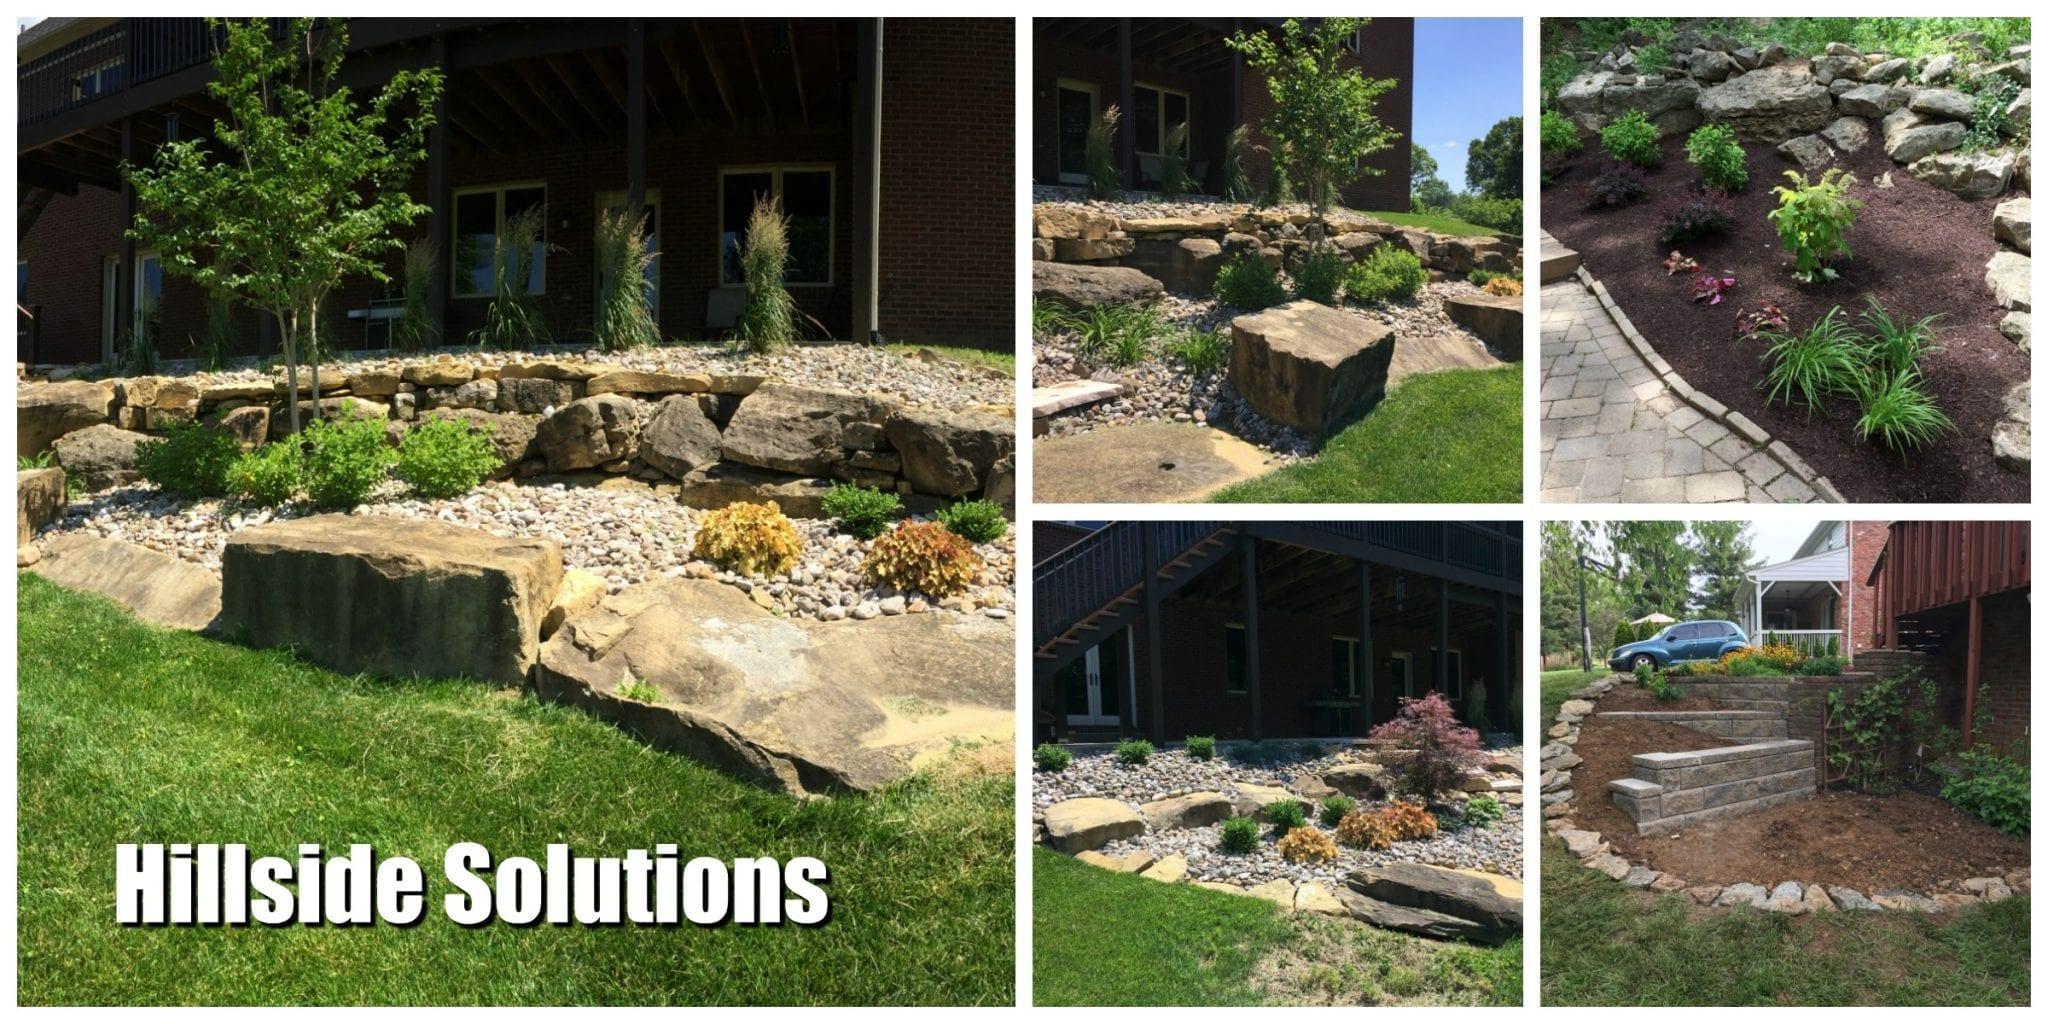 Hillside Solutions